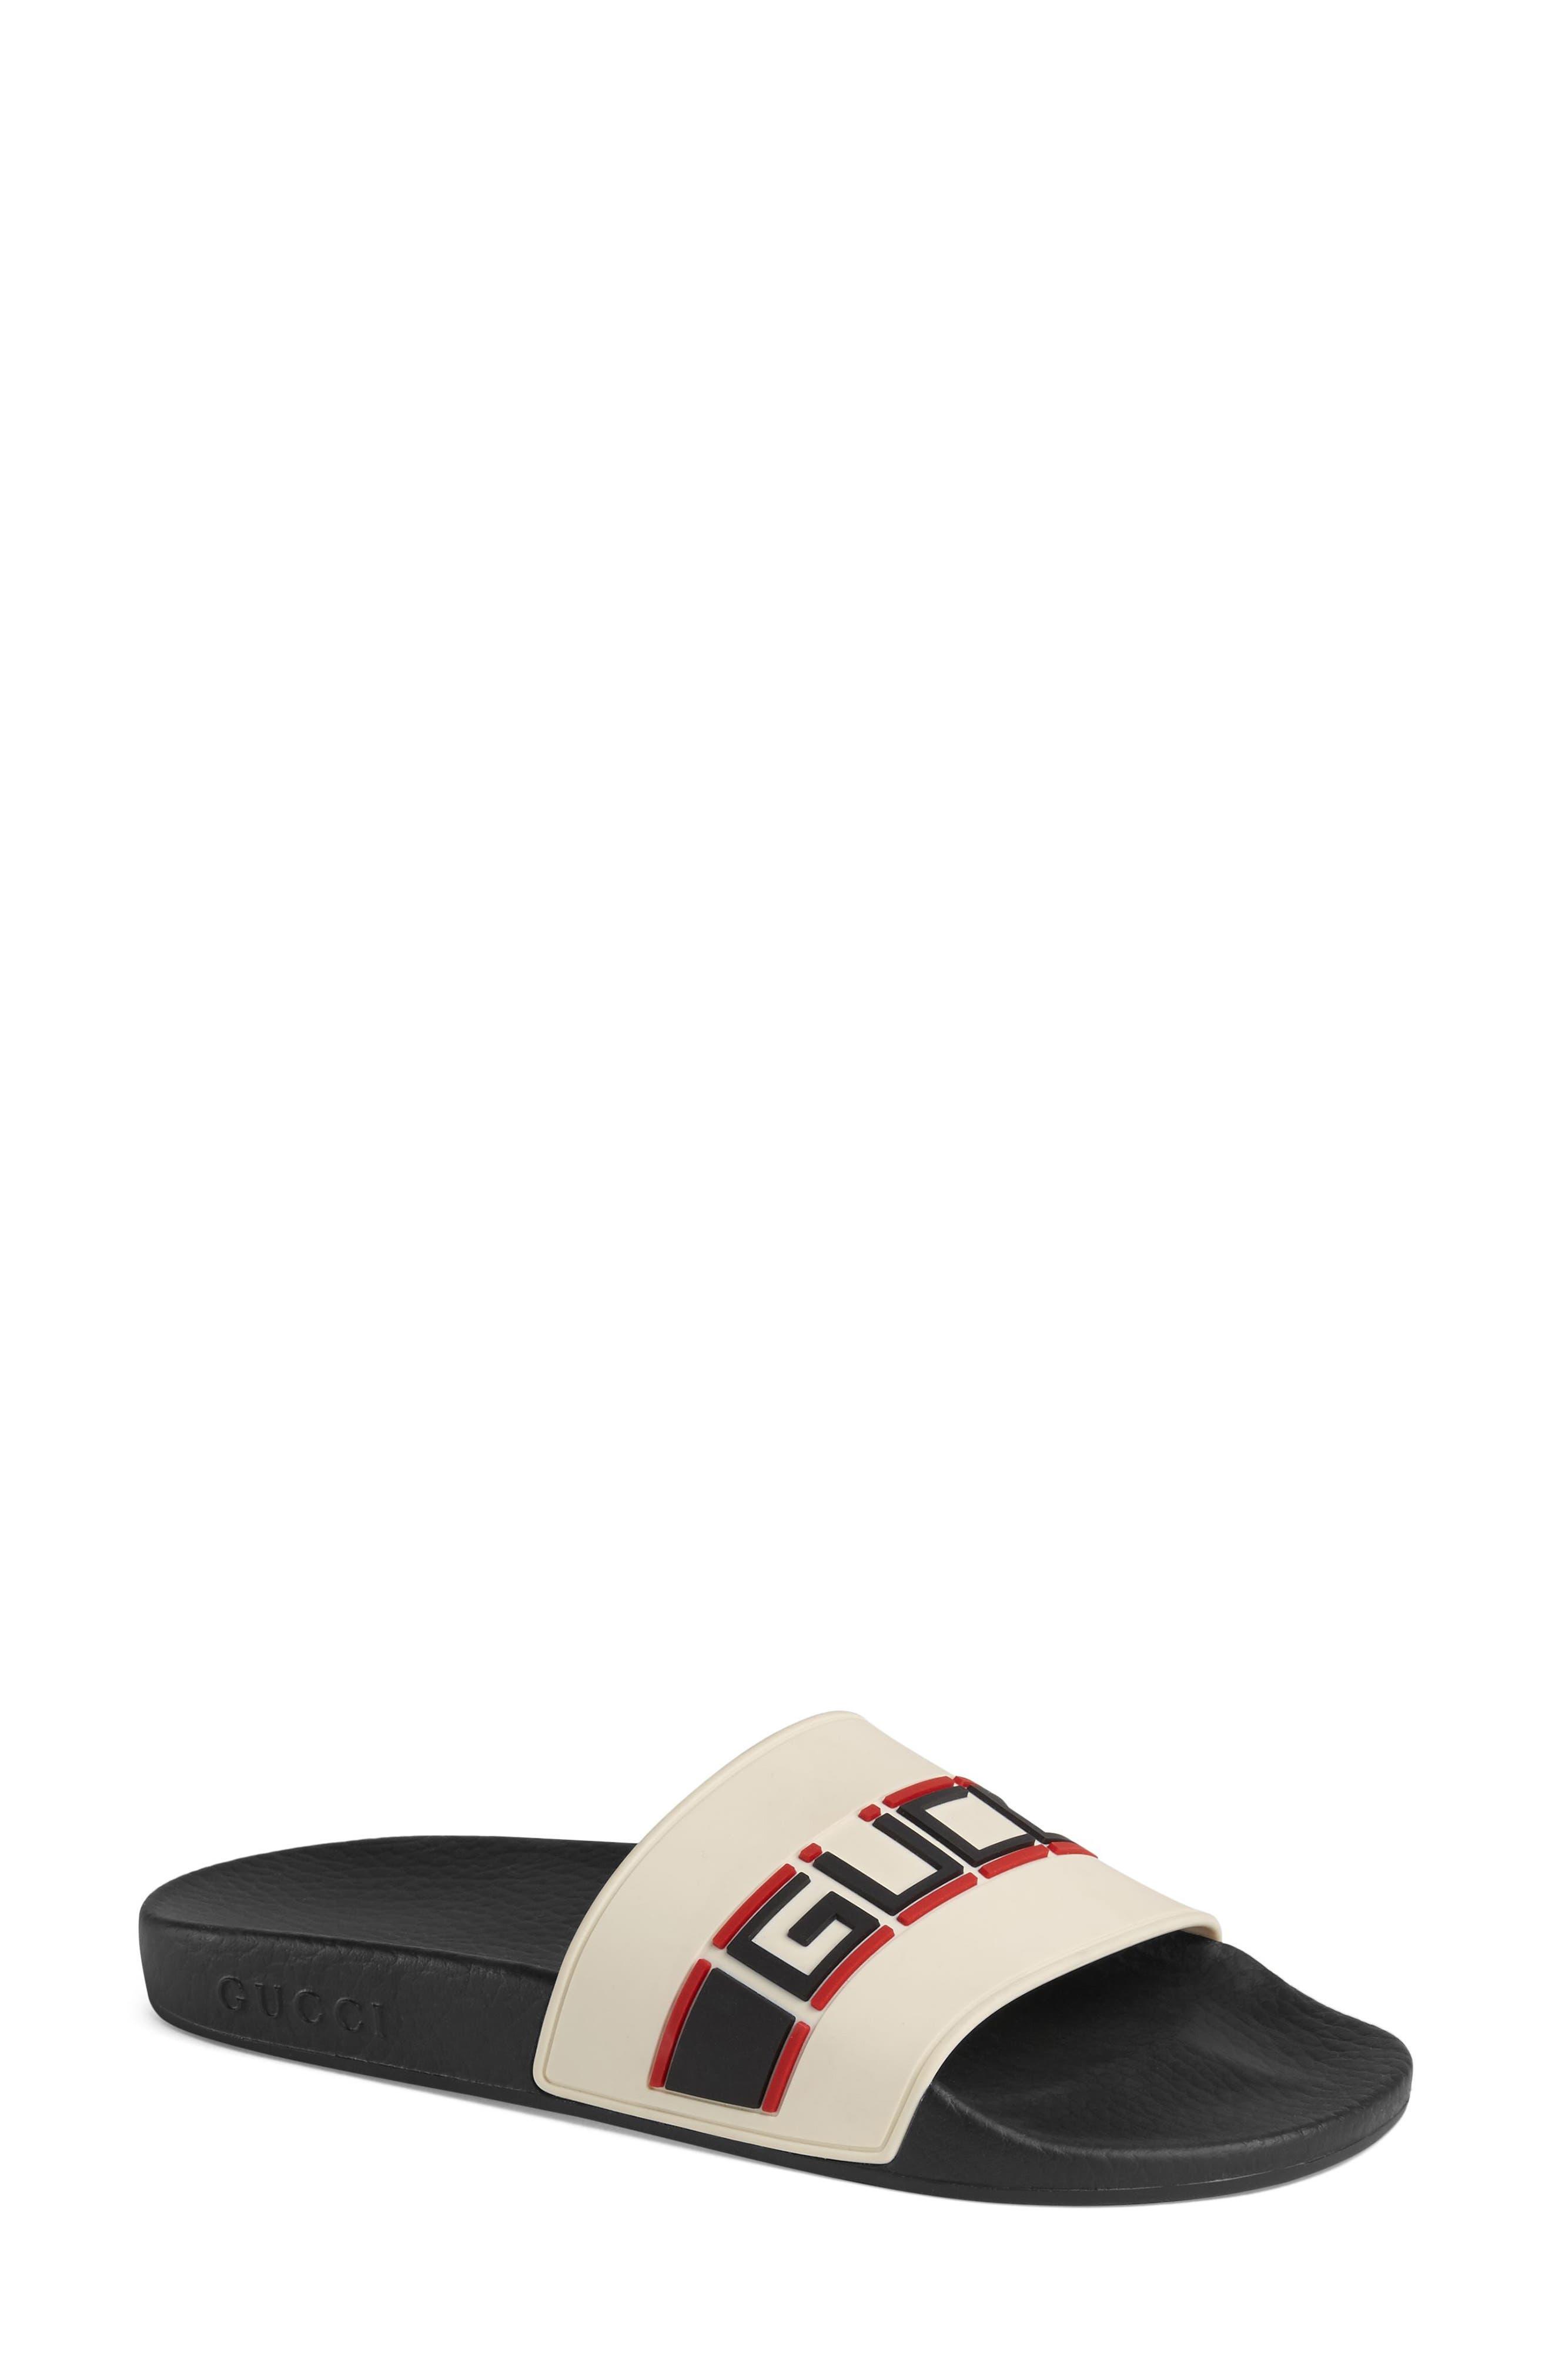 GUCCI Pursuit Logo Slide Sandal, Main, color, ECRU